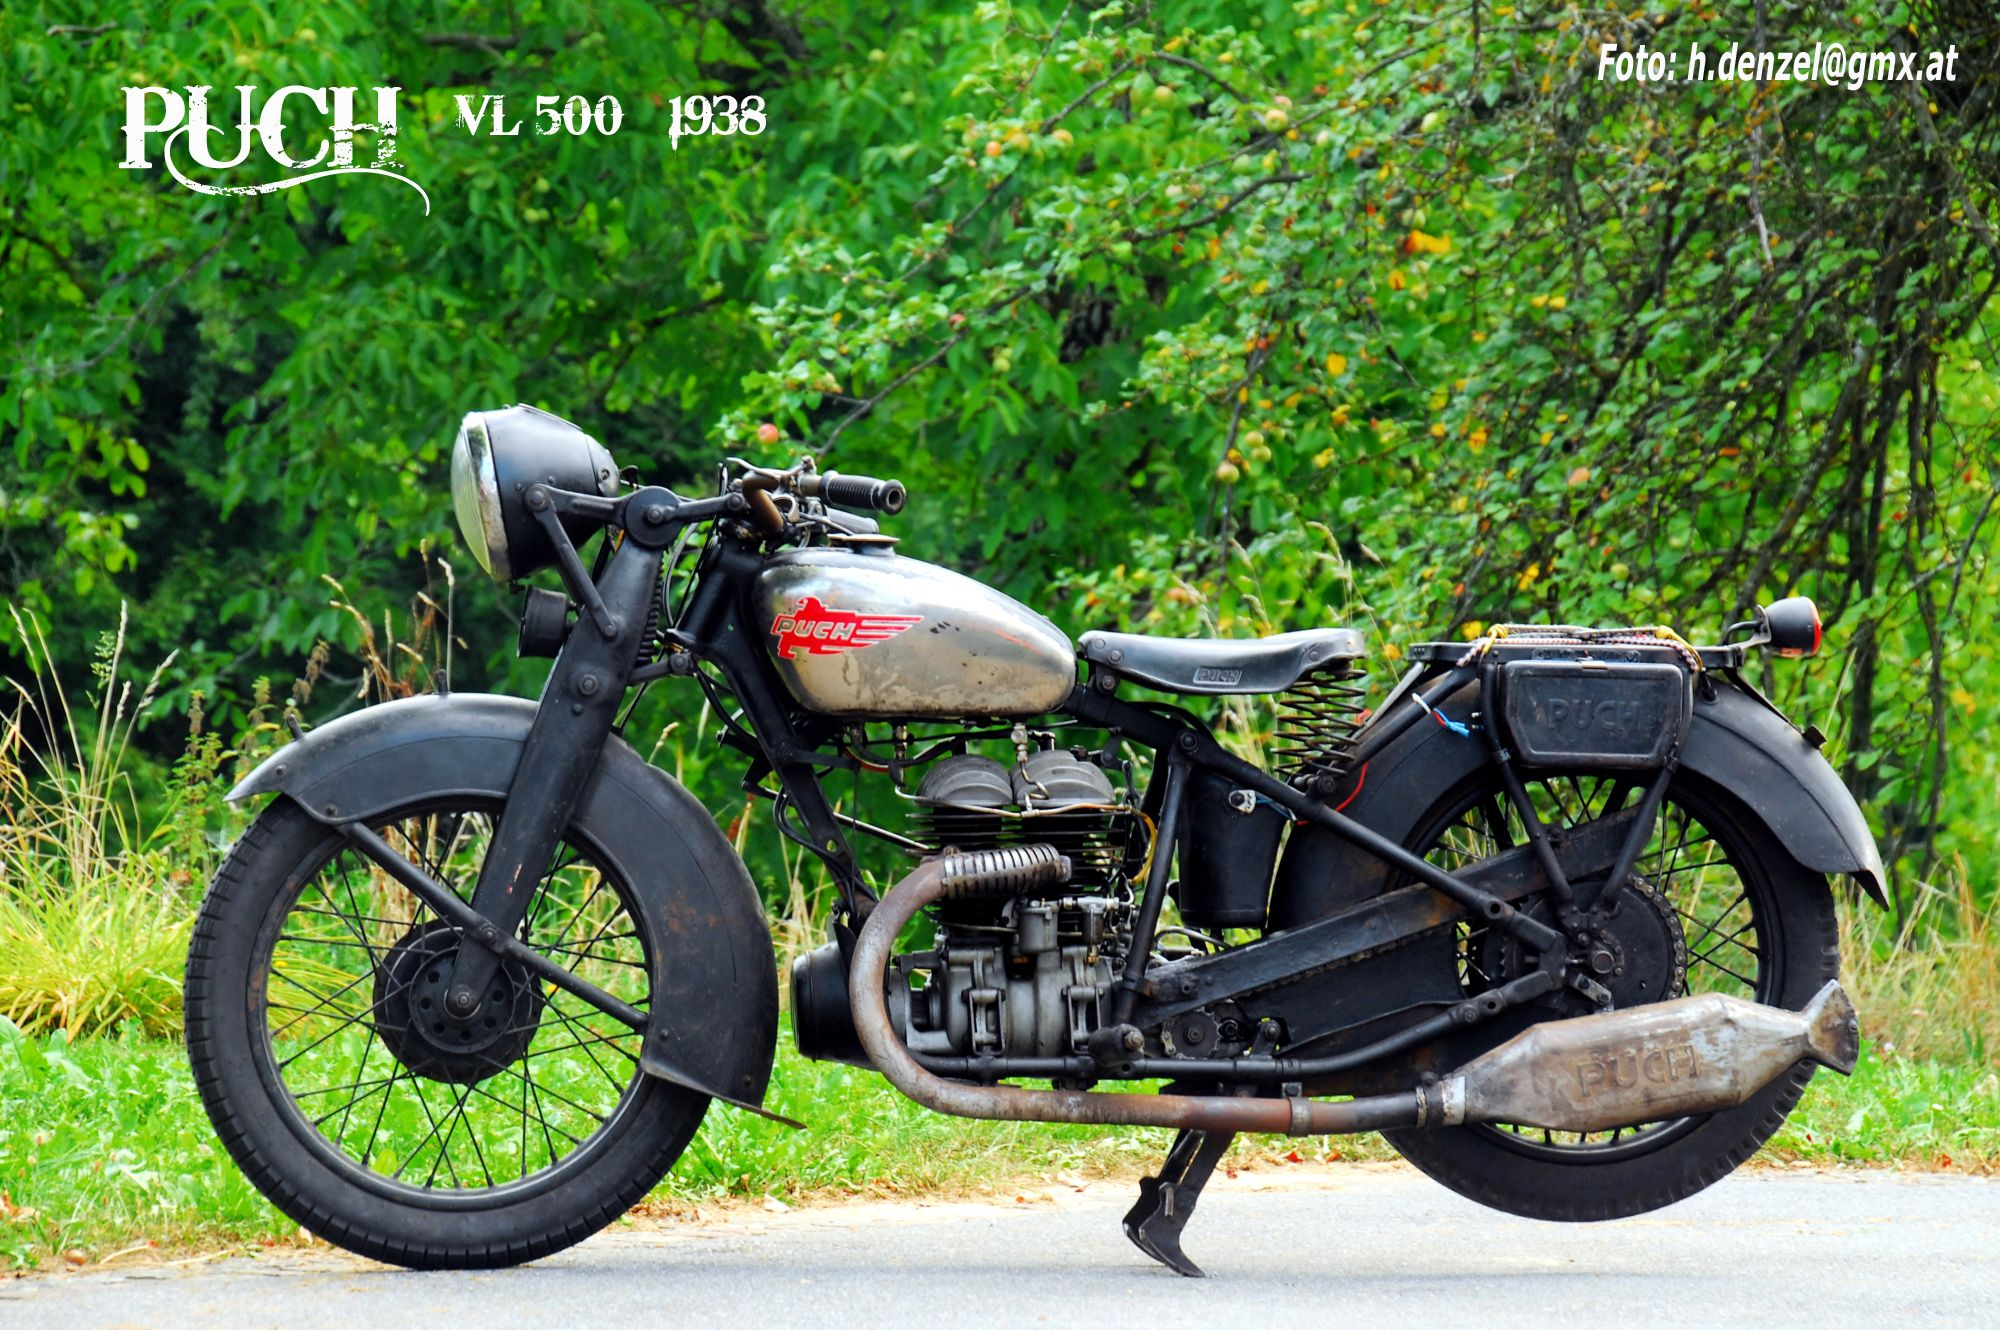 puch 500 vl 1938 benzinradl 39 n fahrzeuge motorrad und. Black Bedroom Furniture Sets. Home Design Ideas